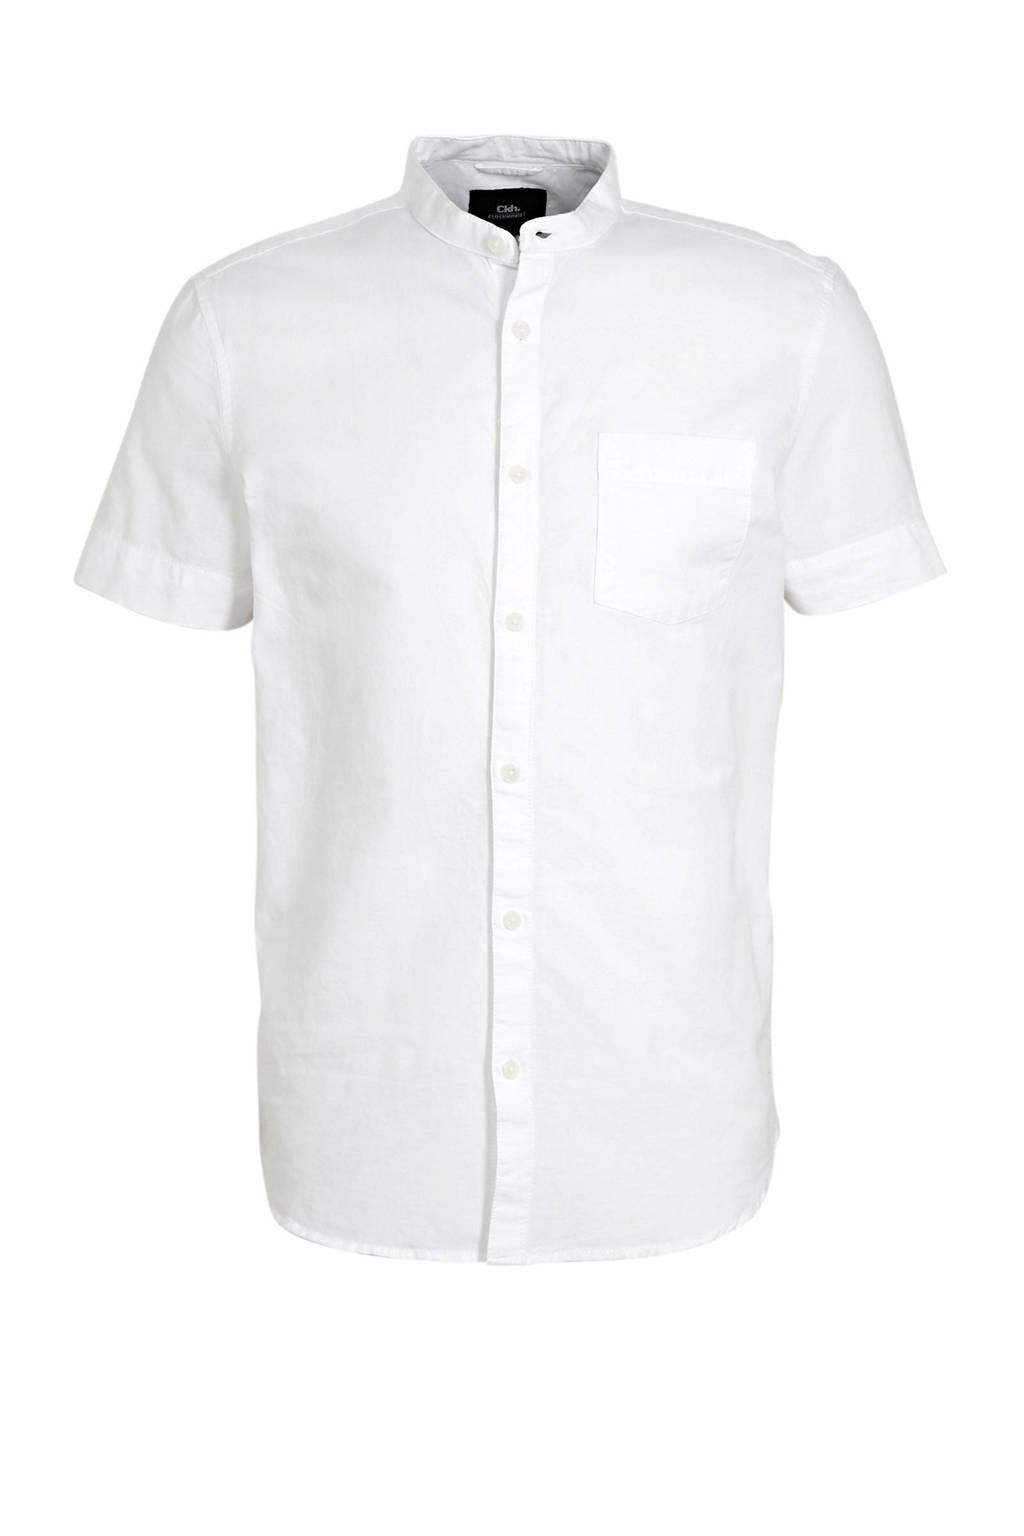 C&A Clockhouse slim fit overhemd van biologisch katoen wit, Wit